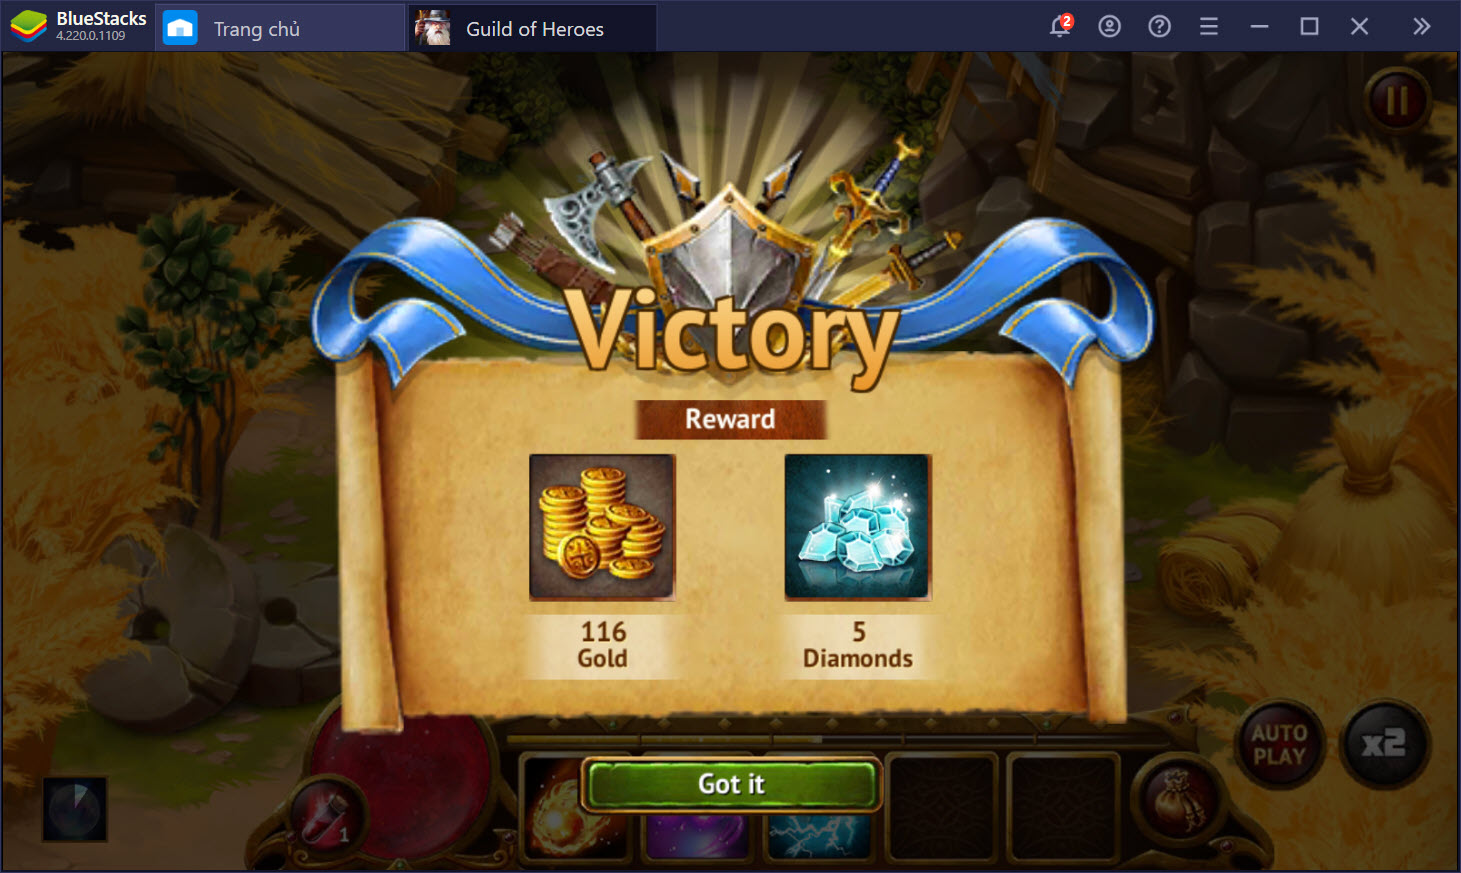 Guild of Heroes: Hướng dẫn cách chơi cơ bản dành cho người mới